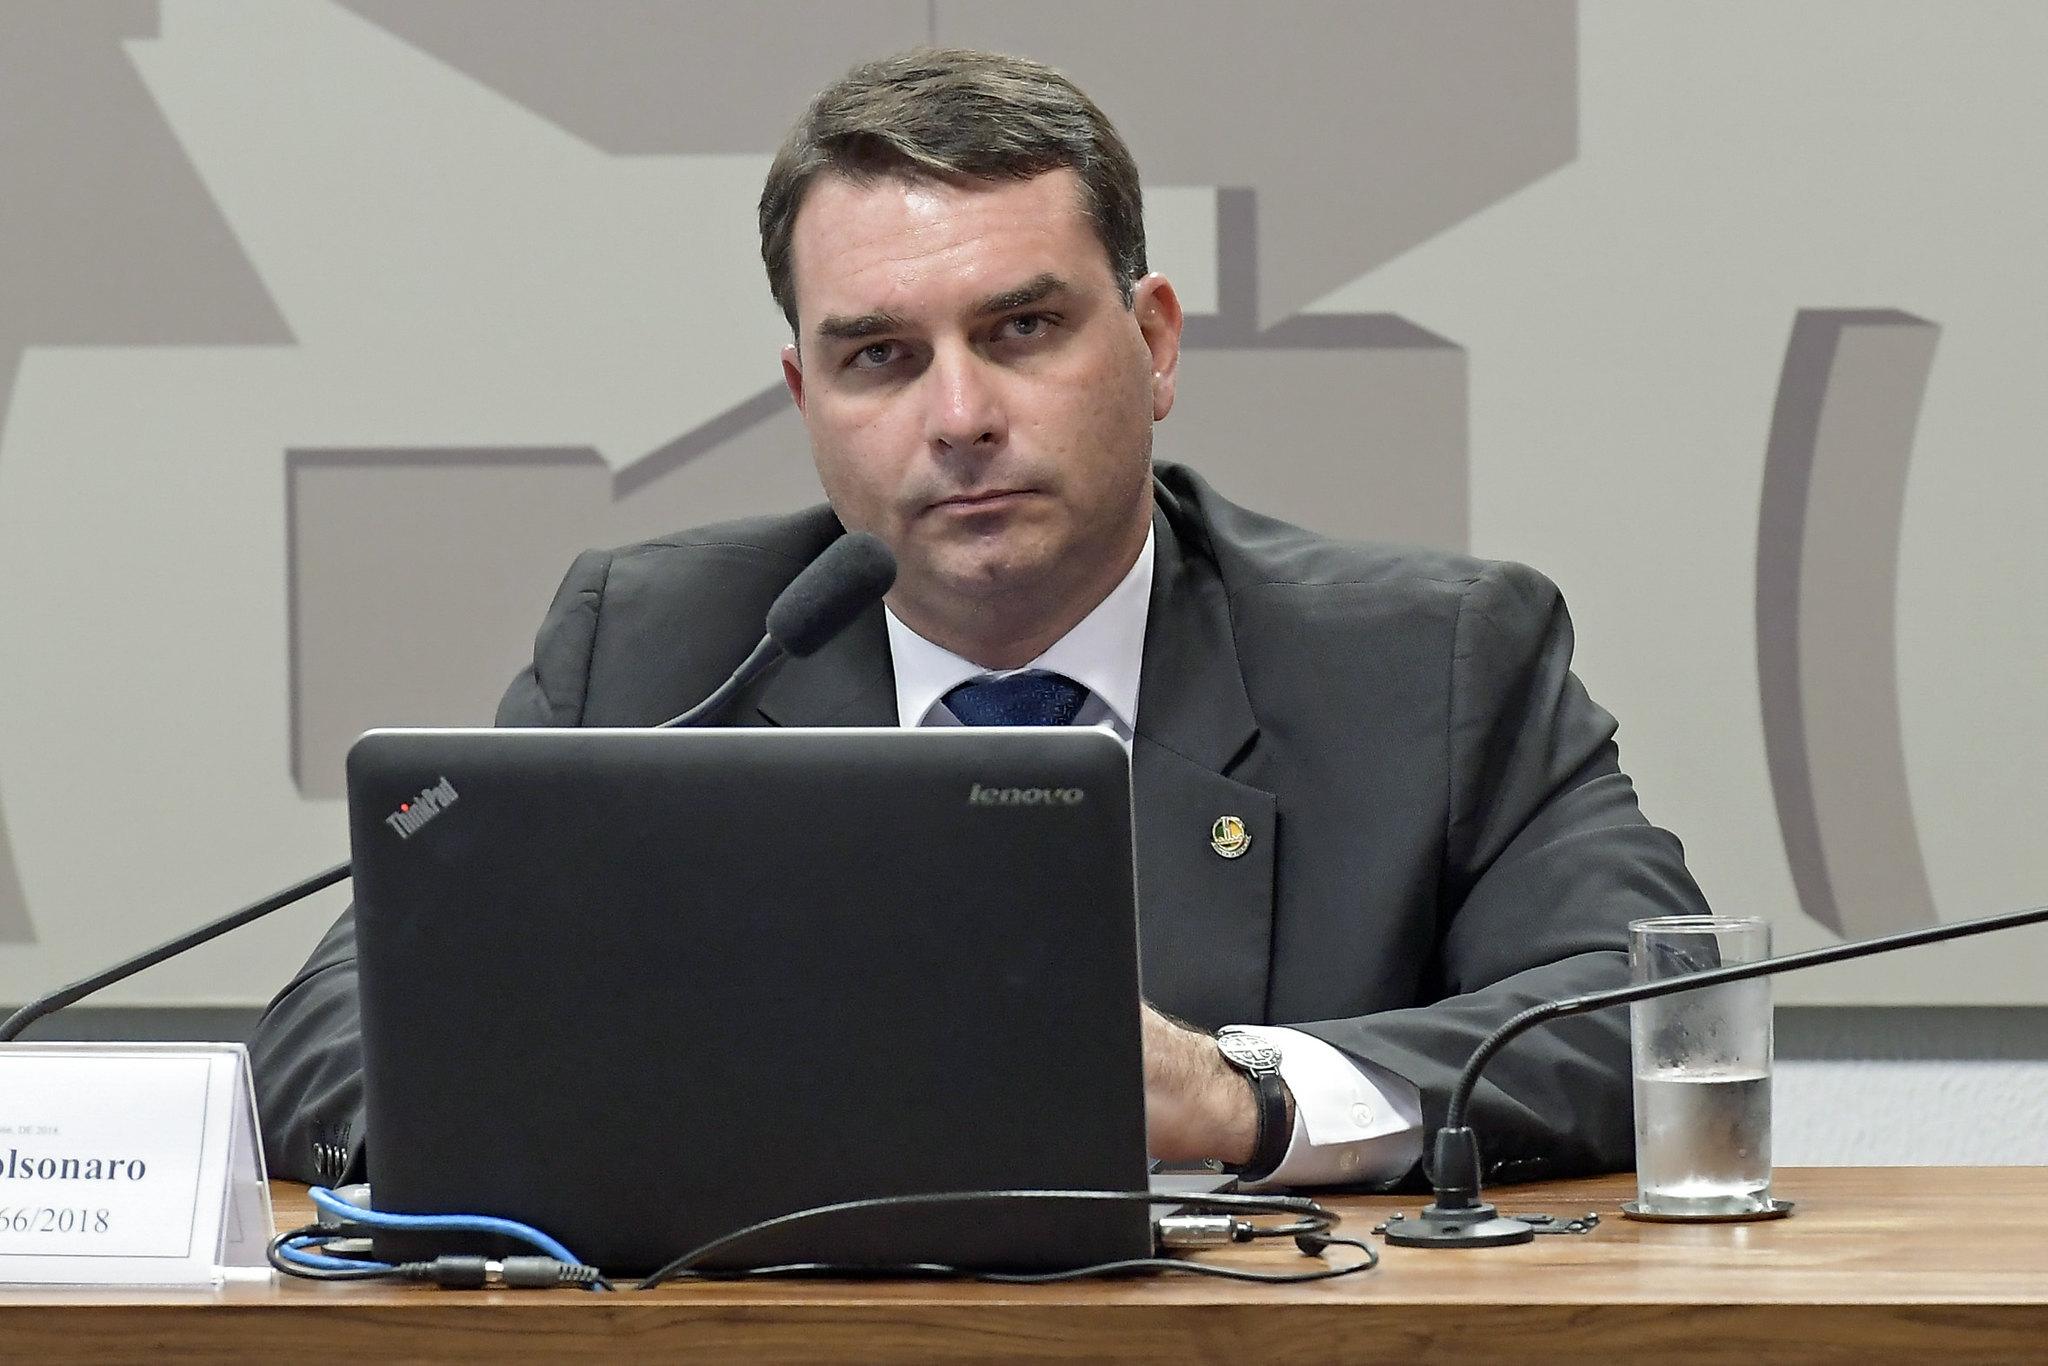 O senador Flávio Bolsonaro durante sessão de comissão mista